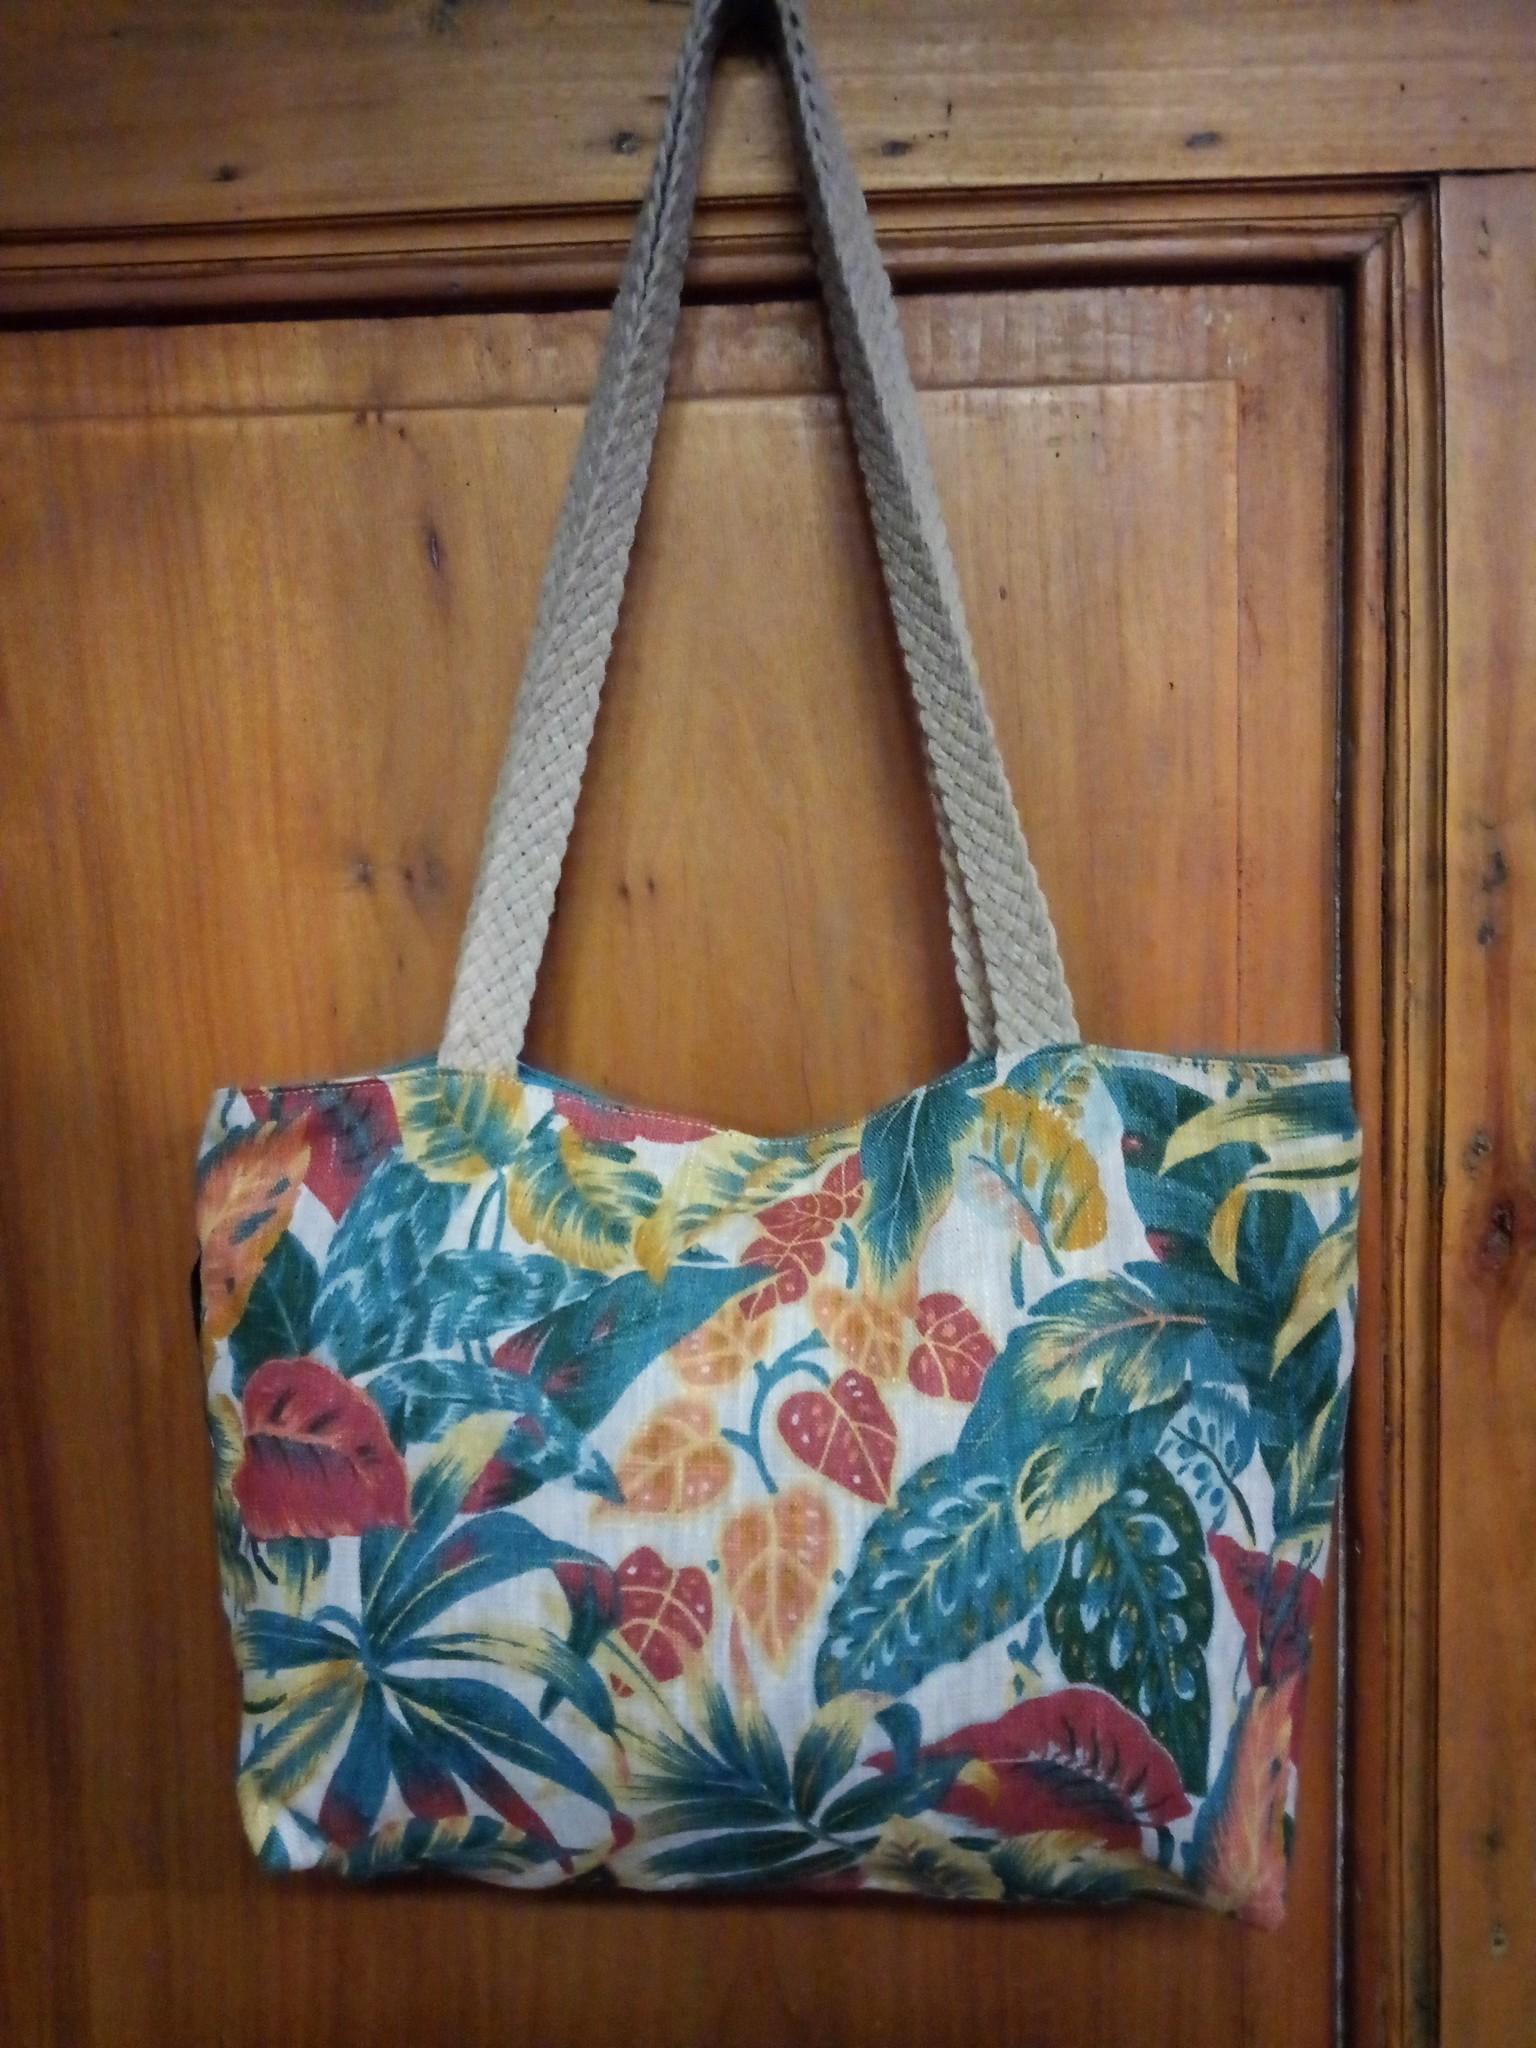 Le grenier du lin Linen handbag in coloured foliage